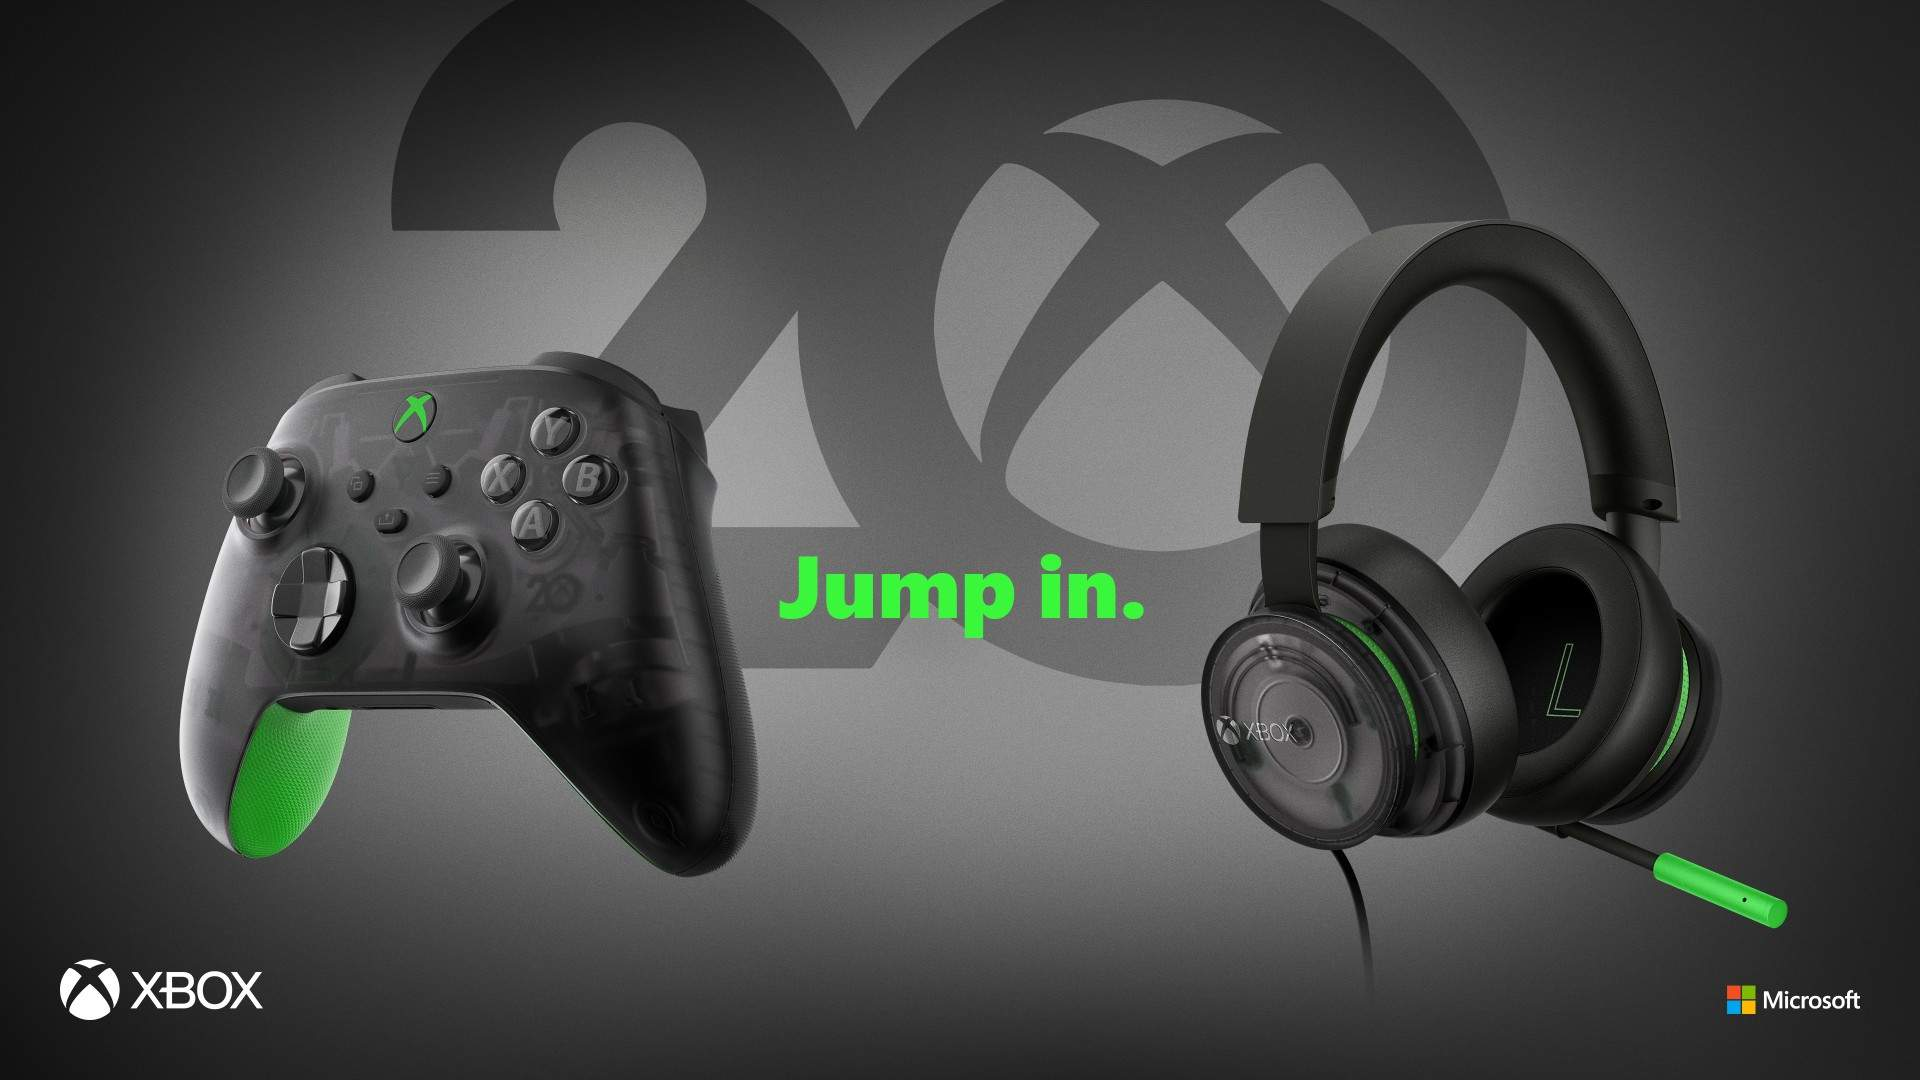 Los nuevos auriculares estéreos de Xbox y un cargador de Razer también se apuntan al 20 aniversario - El 20 aniversario de Xbox nos trae muchos regalos, pero estos accesorios merece la pena pagar por ellos. Al mando se unen los auriculares estereo y un cargador de Razer.